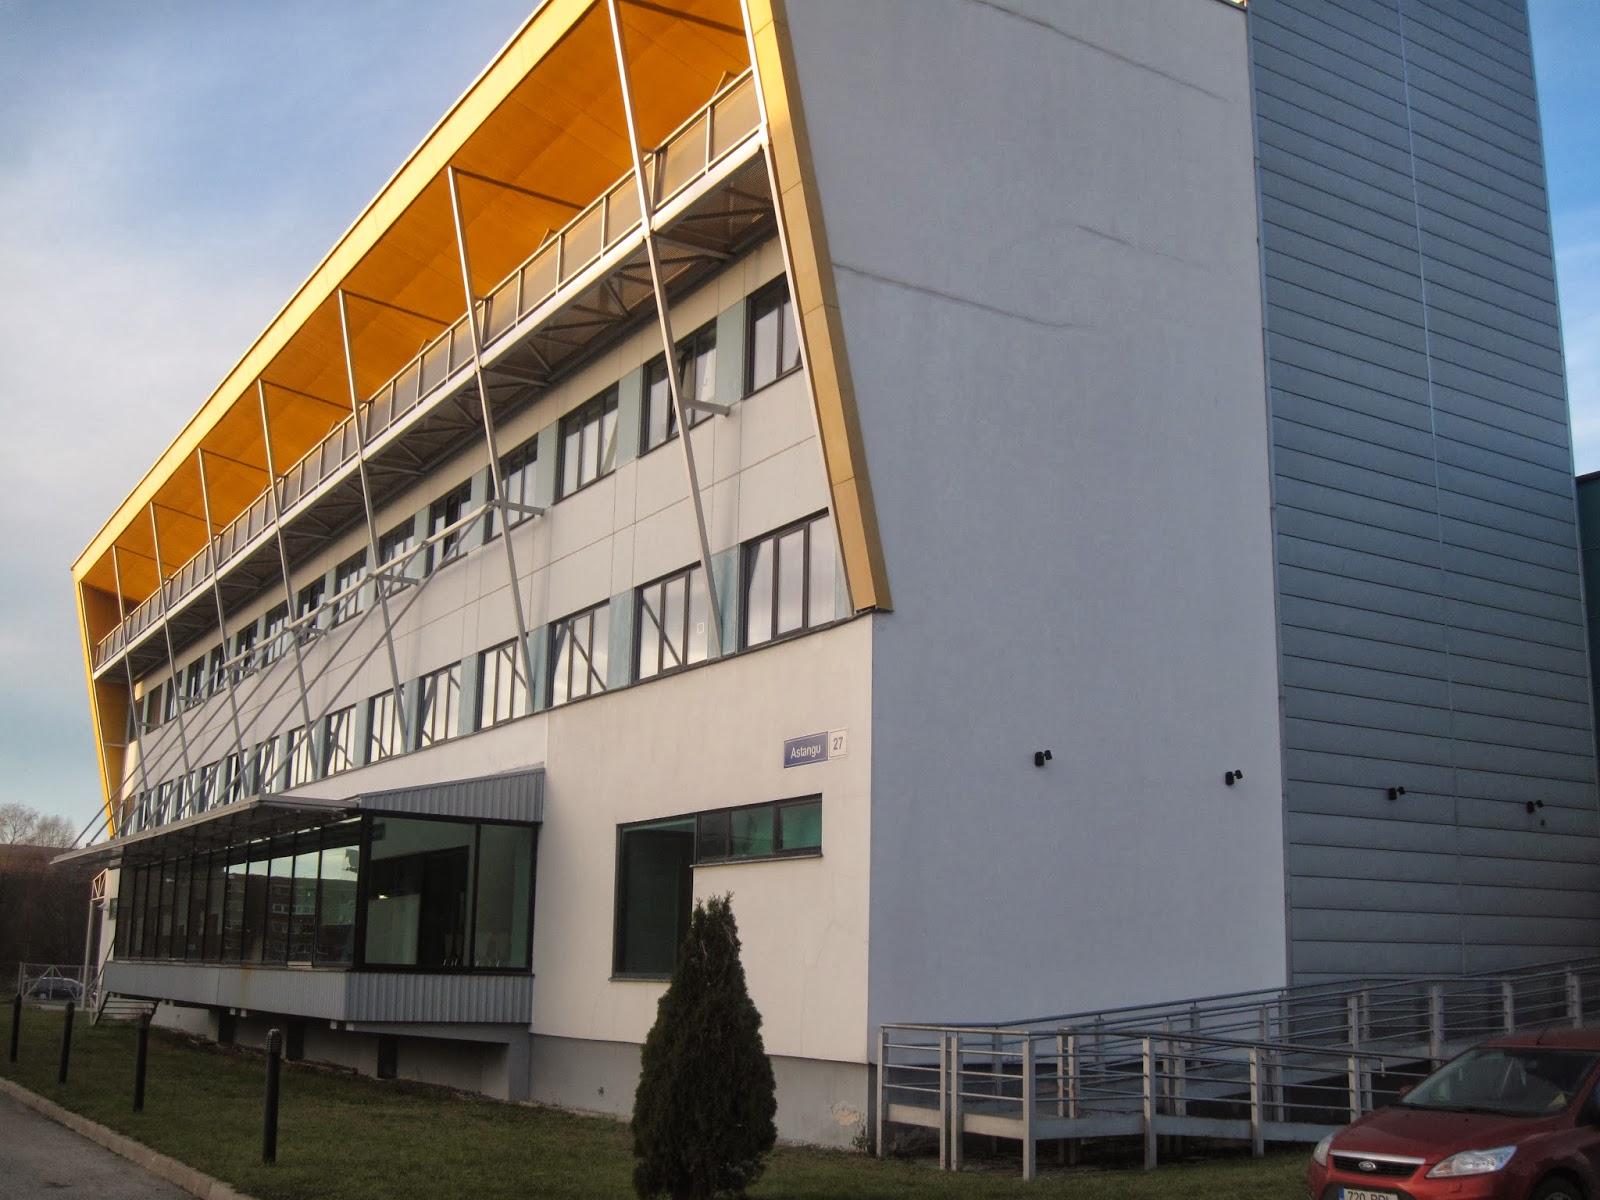 astangu rehabilitatsioonikeskus